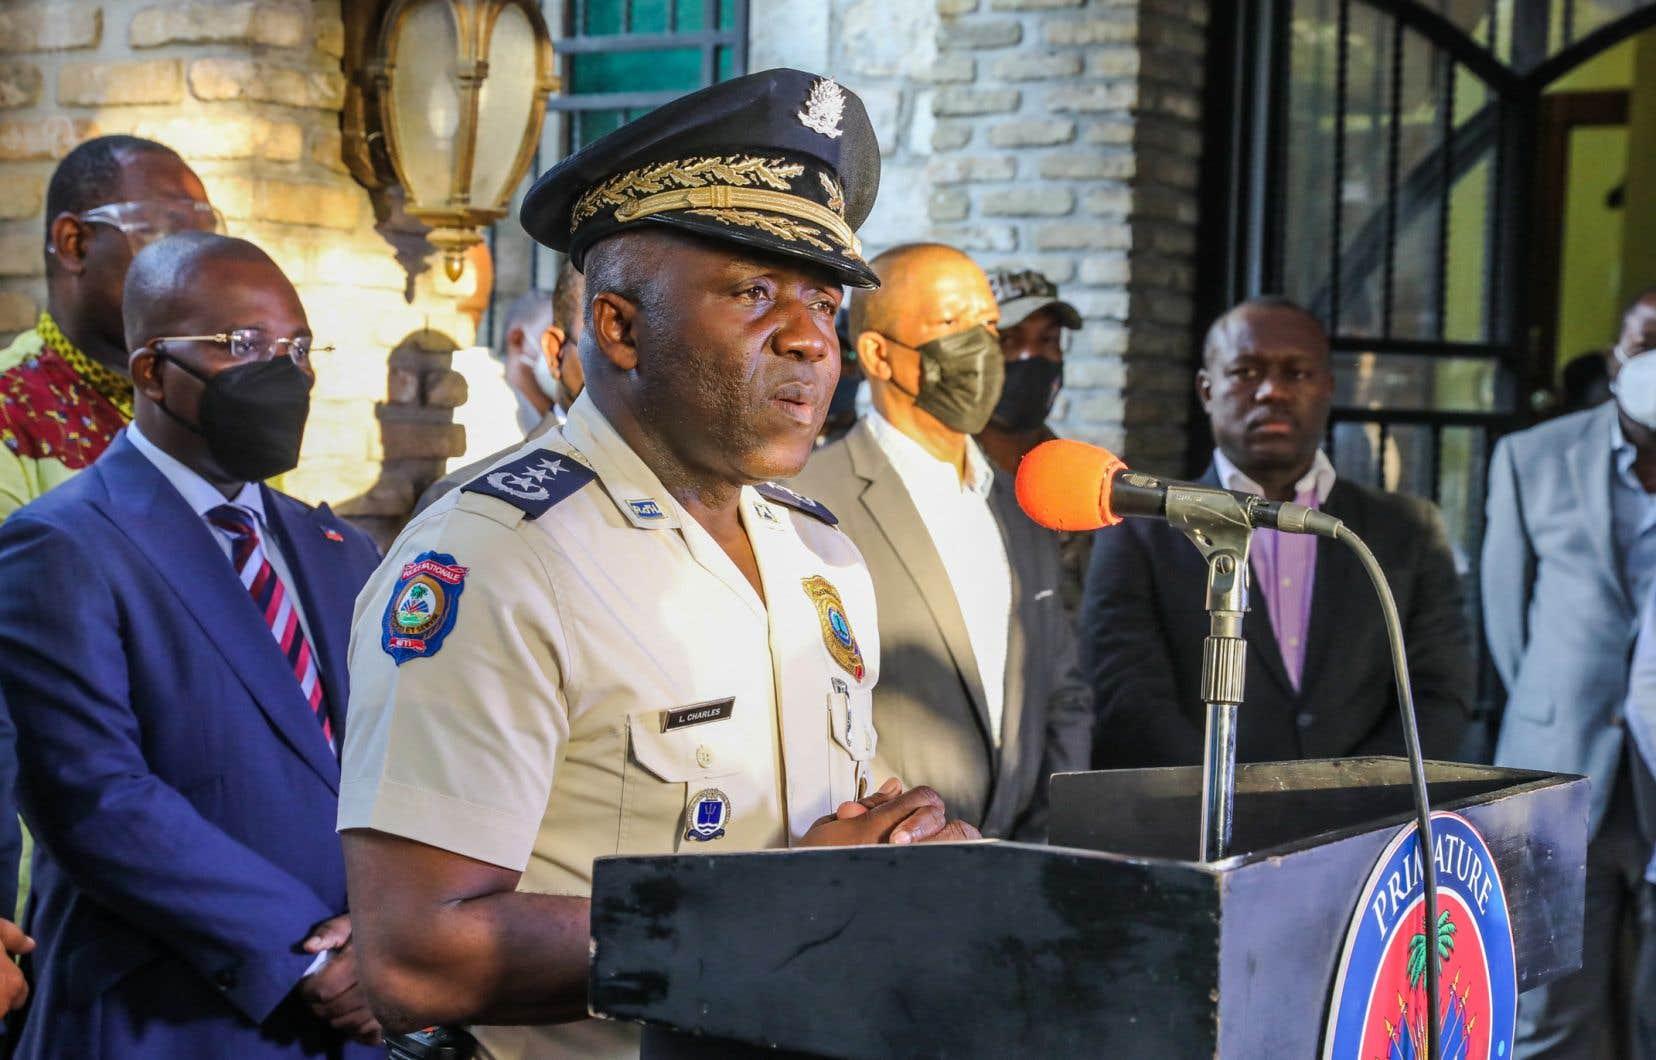 Le directeur de la police haïtienne, Léon Charles, a expliqué que ses hommes ont trouvé plusieurs objets potentiellement d'intérêts au domicile de M. Sanon, dont une casquette à l'effigie de l'agence américaine de lutte contre le trafic de drogue, 20 boîtes de munitions, des parties d'un fusil ainsi que des lettres dont le destinataire n'a pu être identifié.